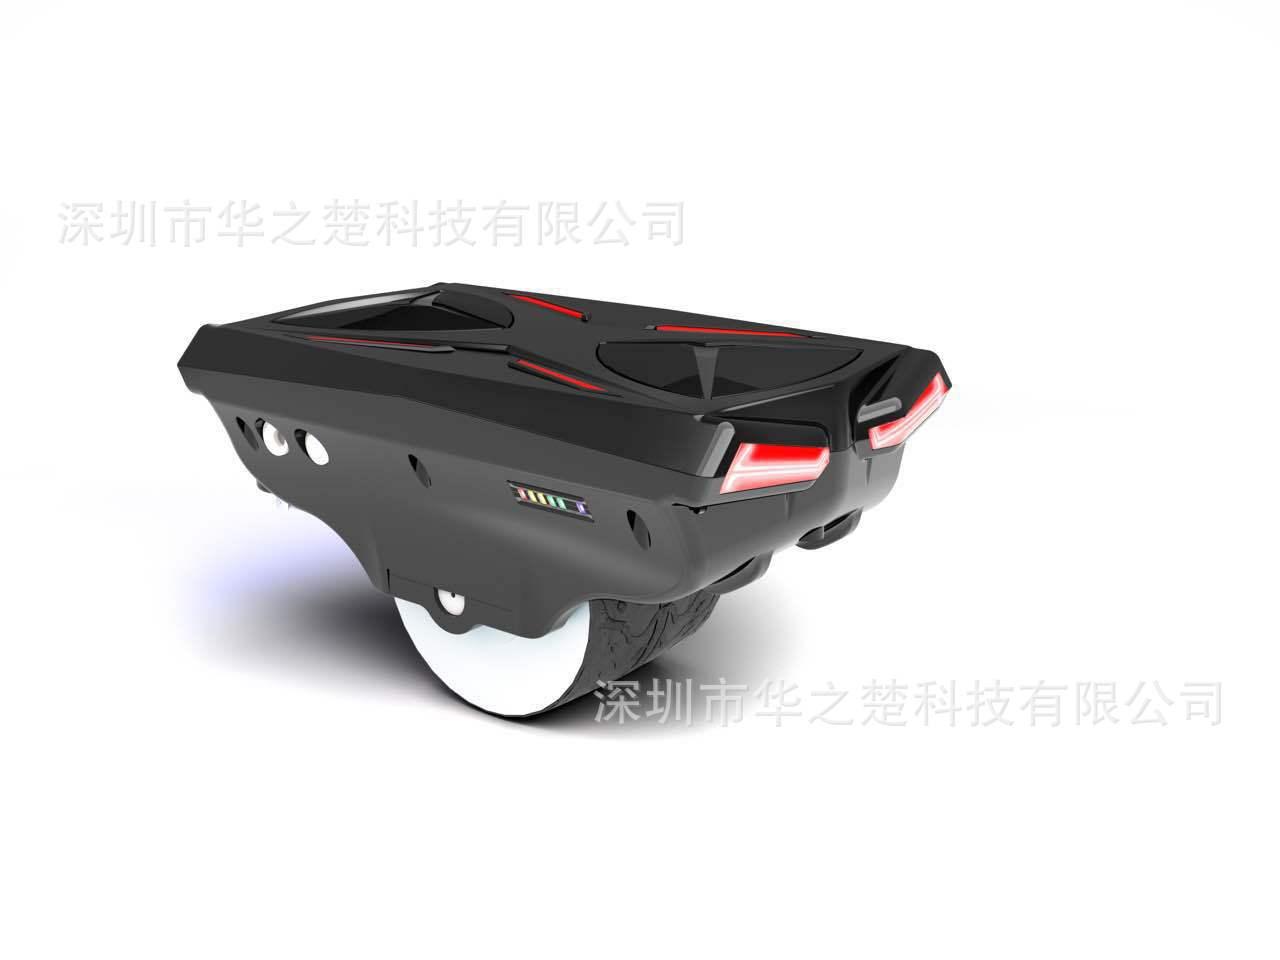 新款电动滑板车 自平衡轮滑鞋充电Hovershoes炫酷悬浮鞋36伏